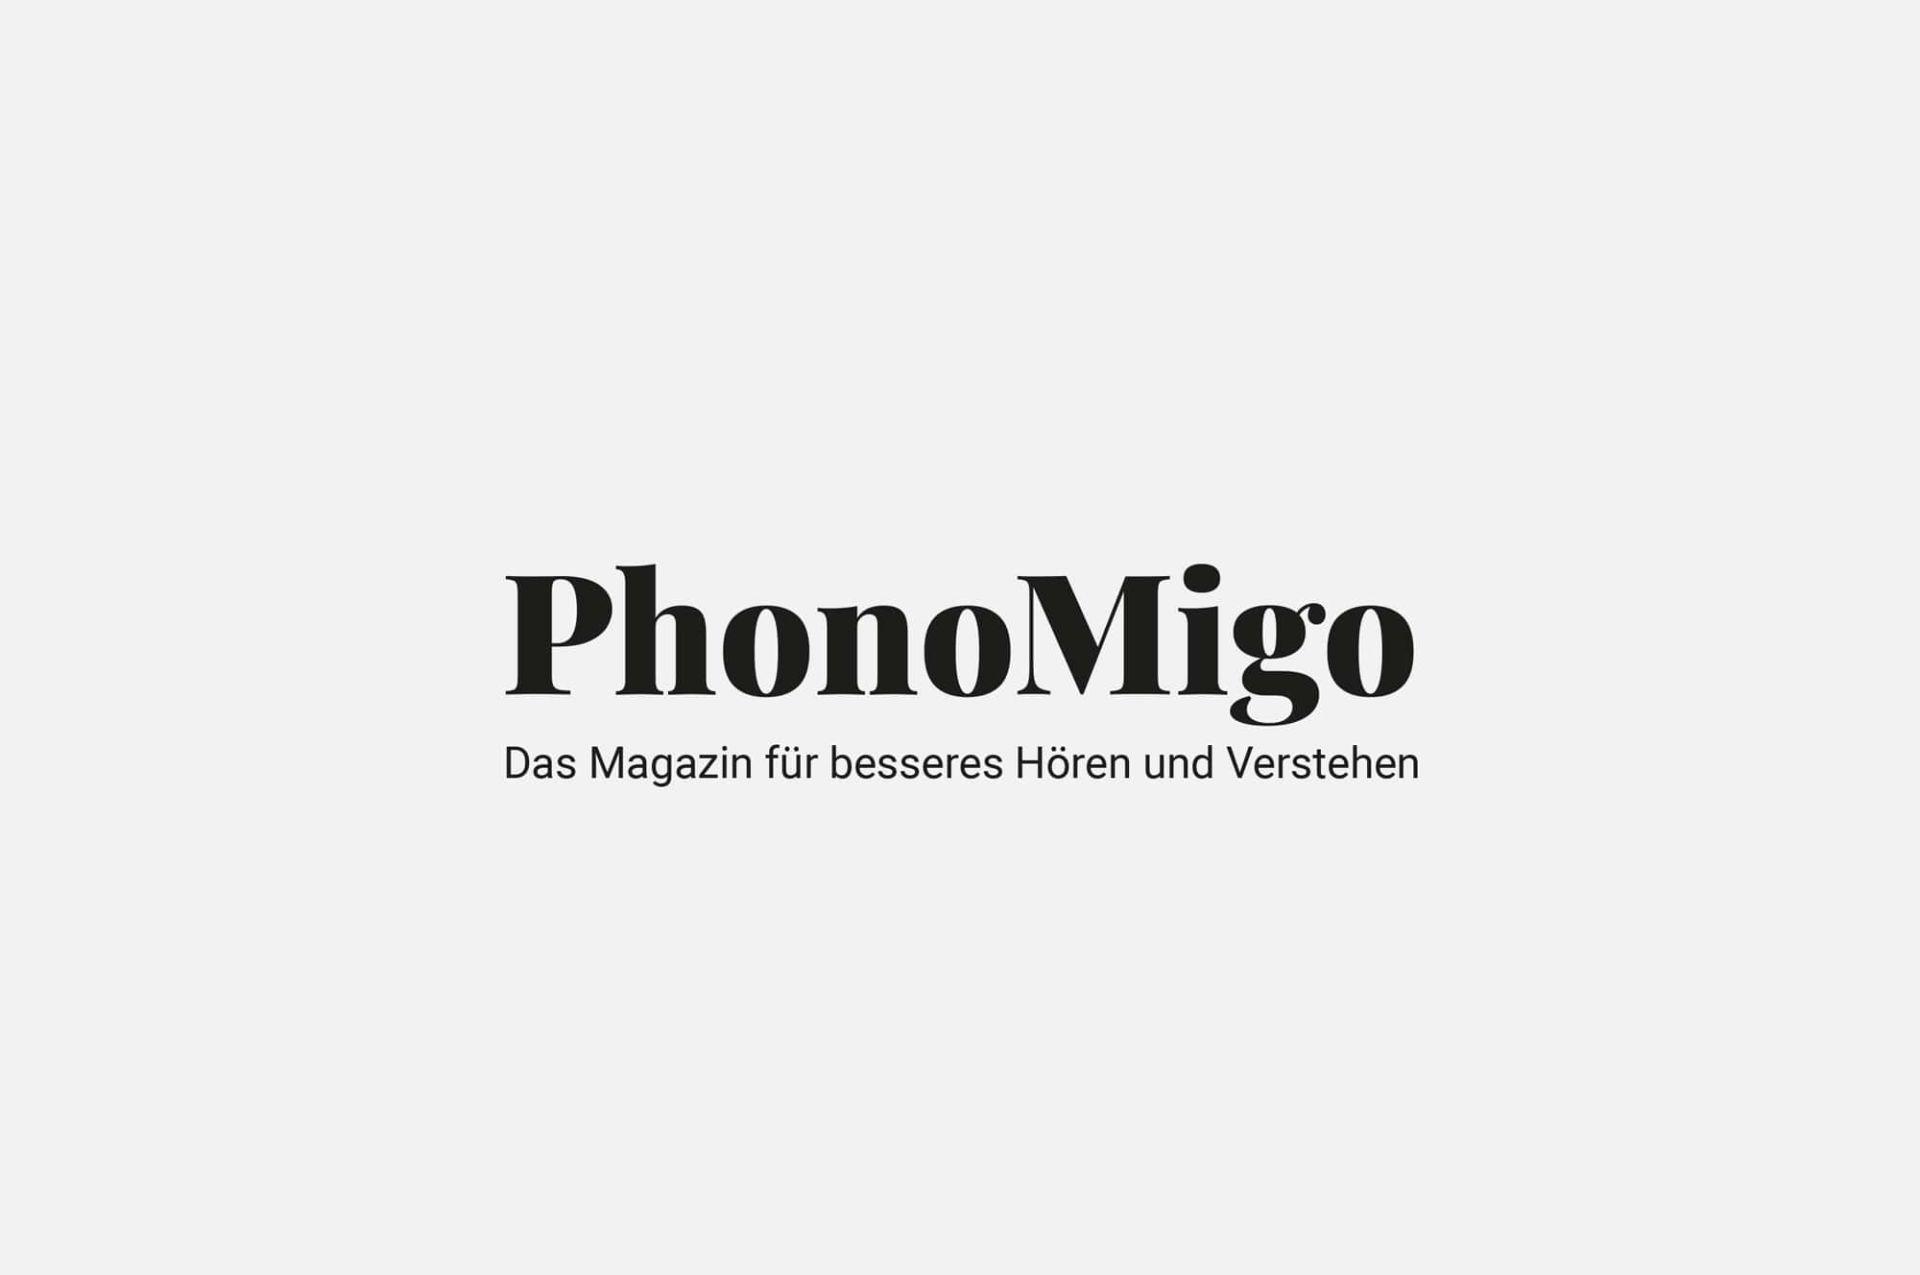 Phonomigo_Logo